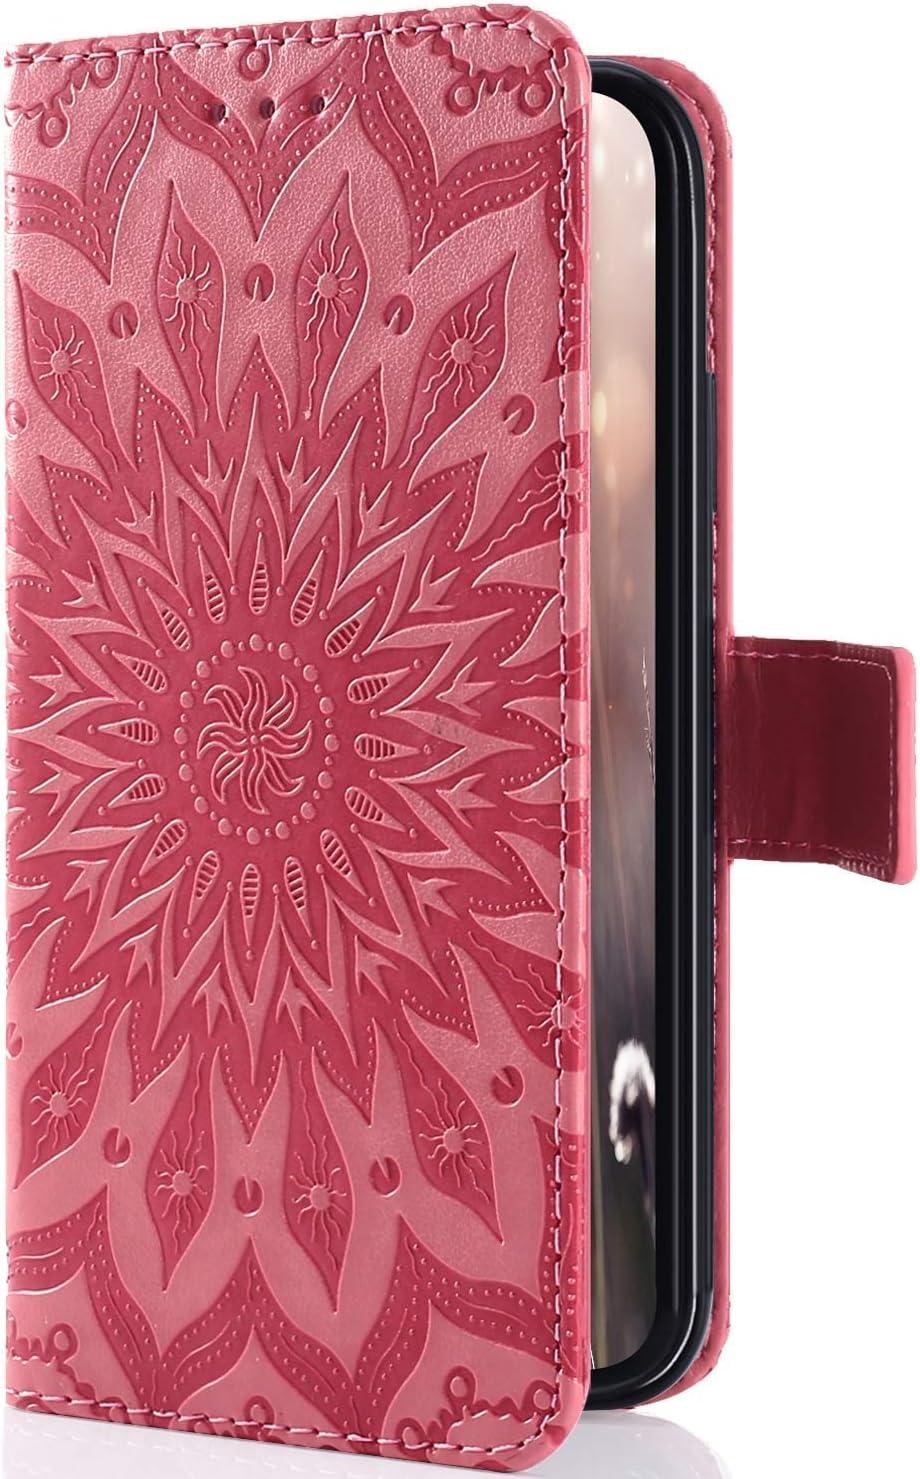 Uposao Funda Compatible con Sony Xperia XZ4 Compact Billetera PU, Slim Flip Case Libro Funda de Cuero Leather Retro Elegante Mandala Carcasa Soporte Plegable Cierre Magnético Tapa Folio de PU Funda